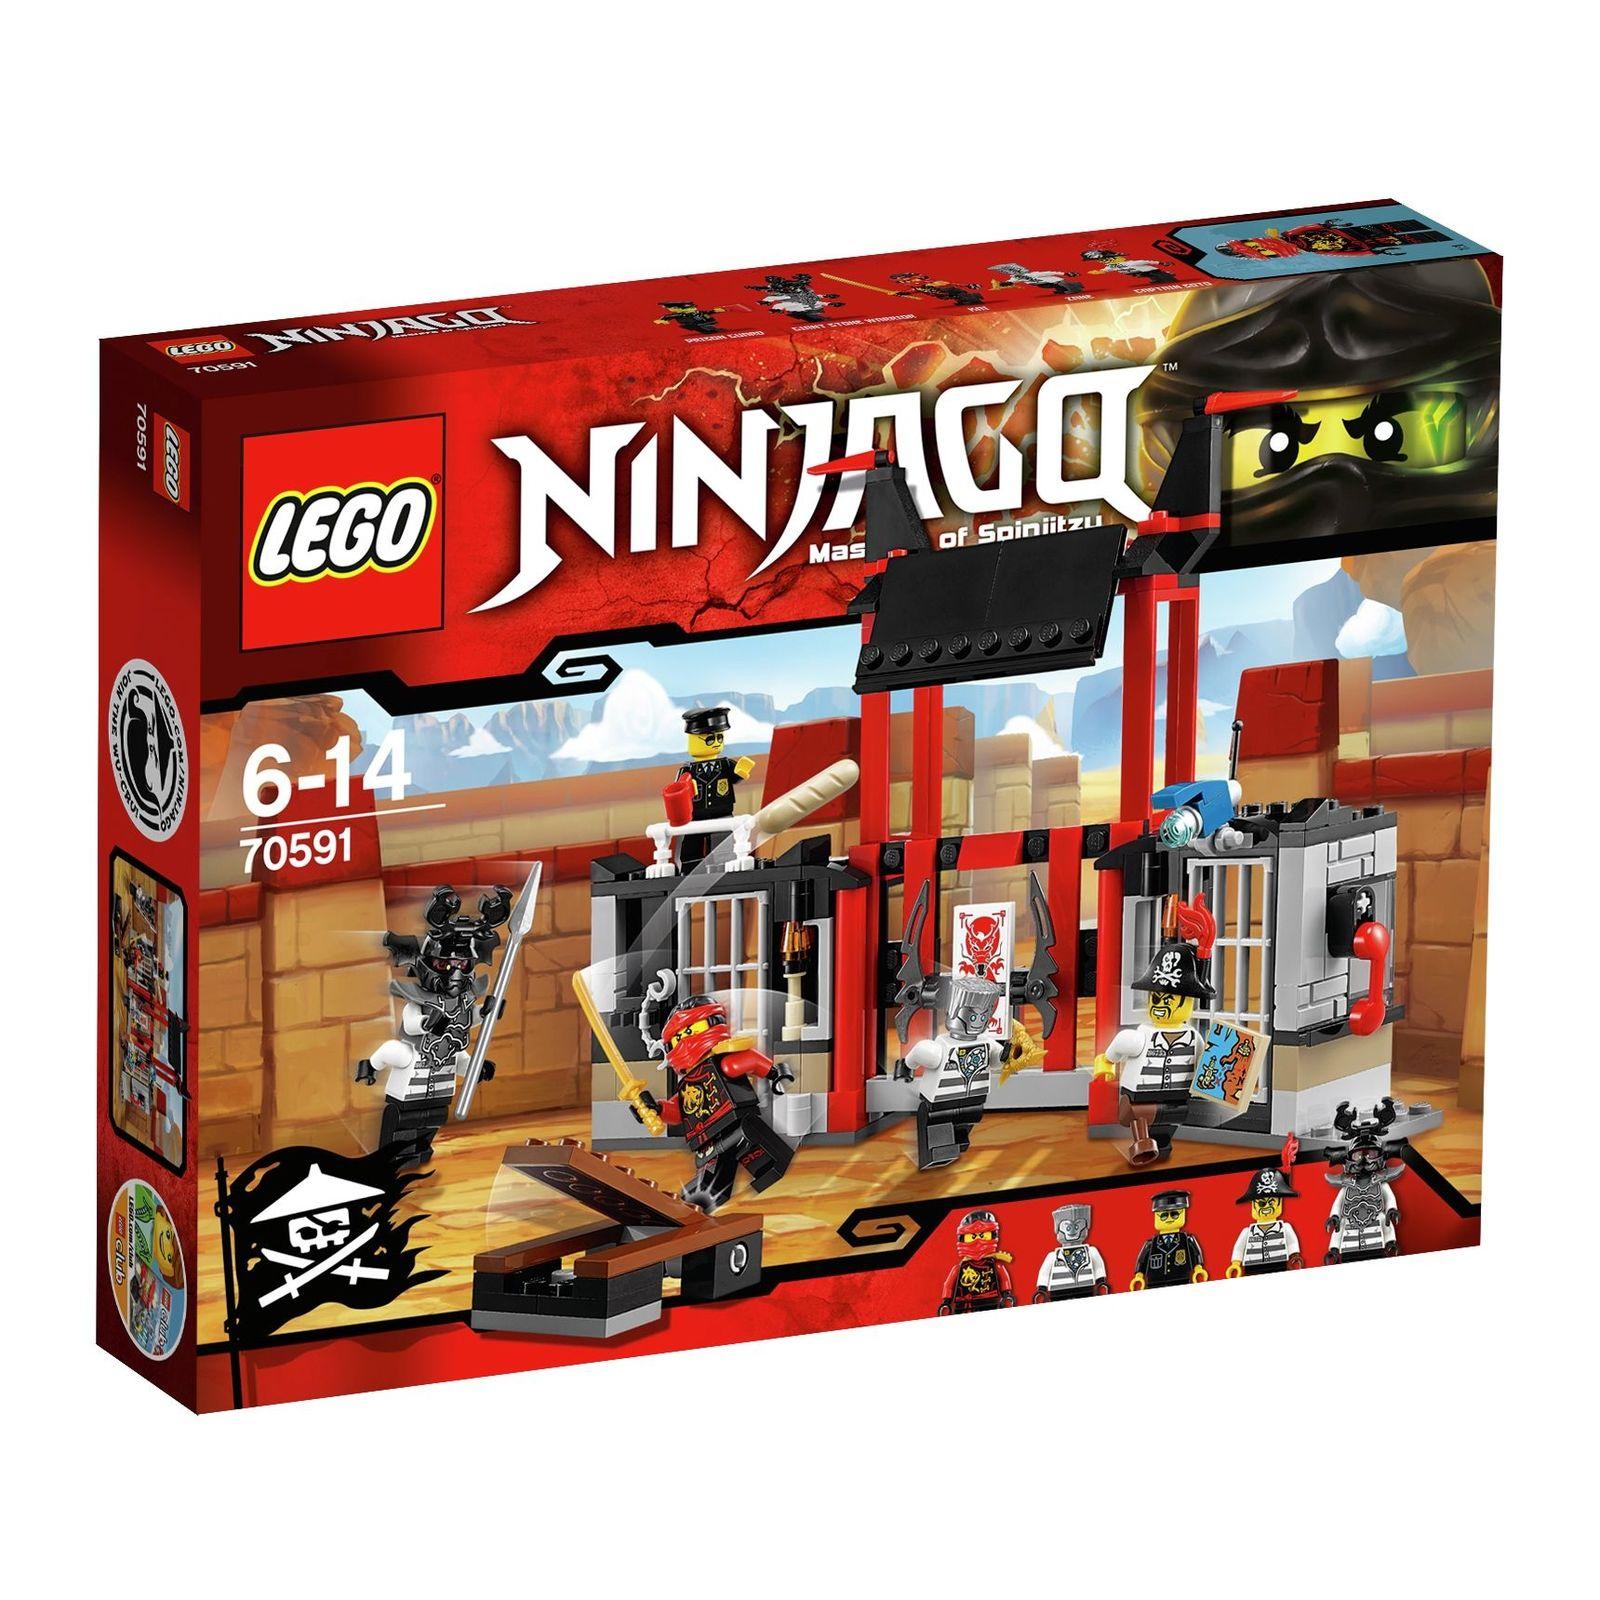 Lego Ninjago Kryptarium Prison Outbreak £12.99 [70591] @ Argos Ebay